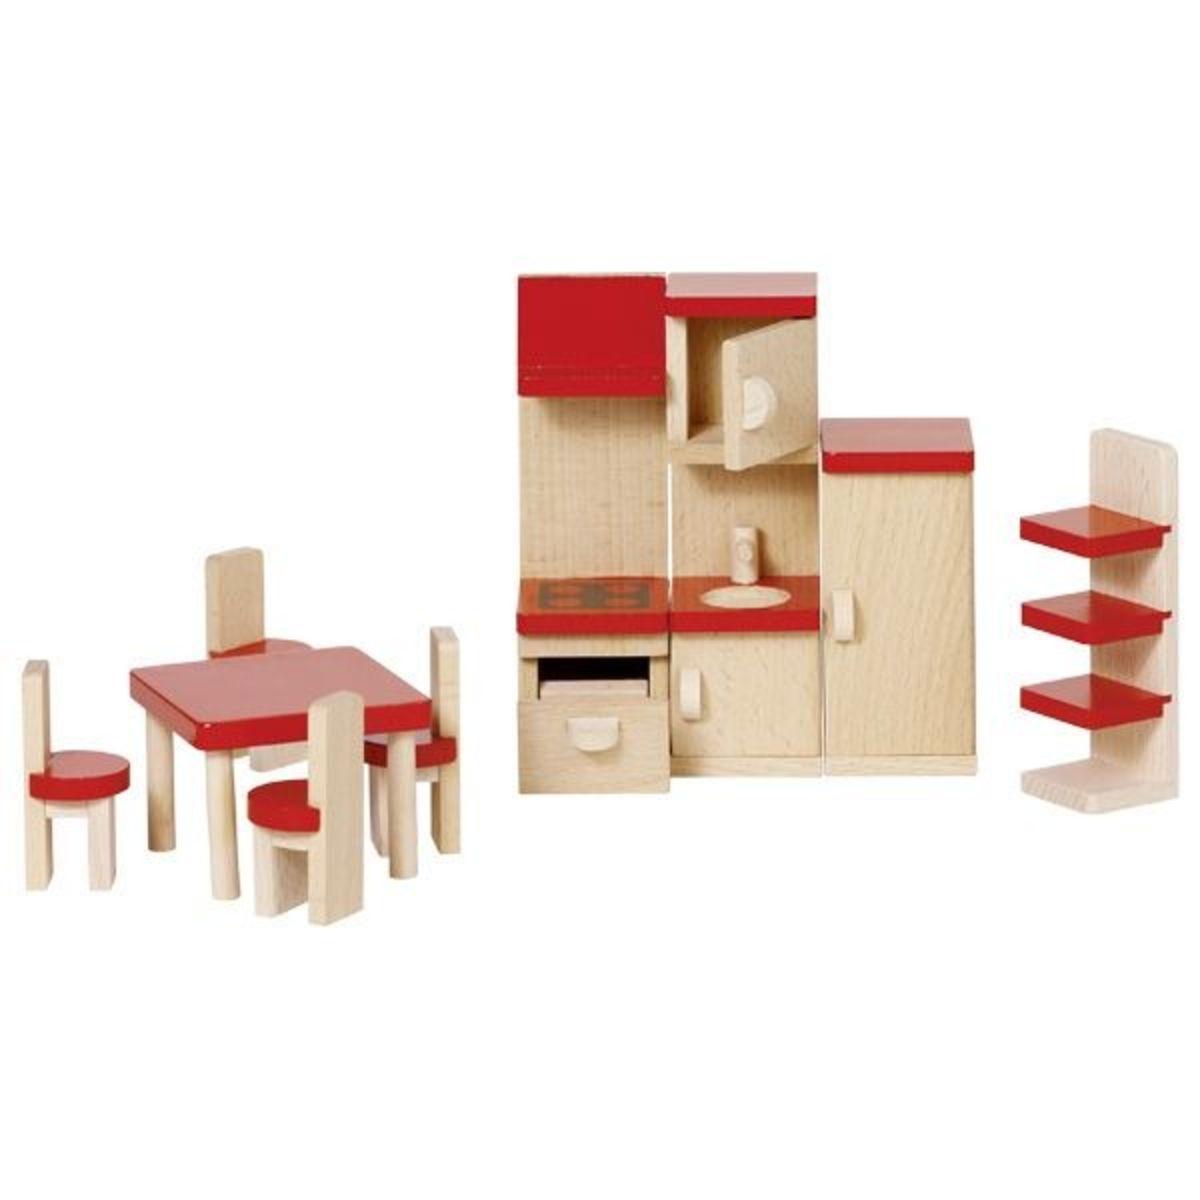 Nábytok do kuchyne pre bábiky Doll furniture